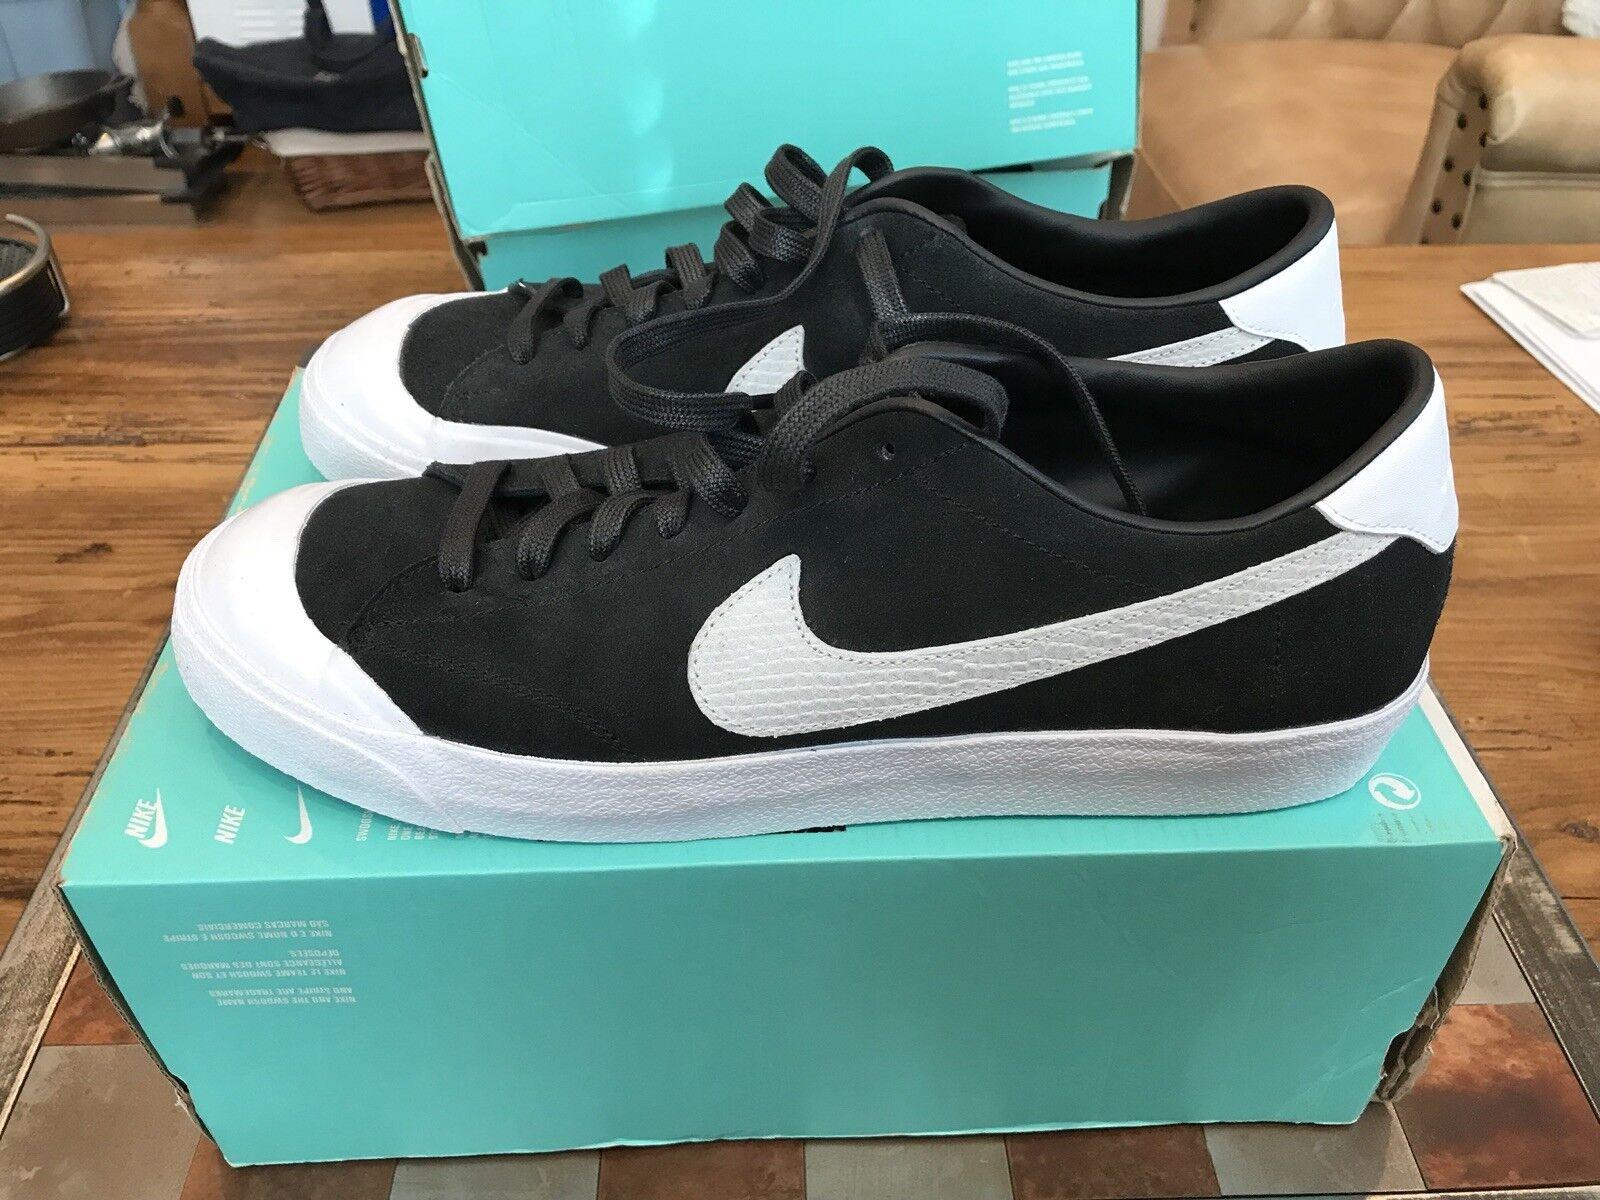 - nike zoom alle gericht skateboarden snealers schuhe schuhe snealers -  10,5 349047